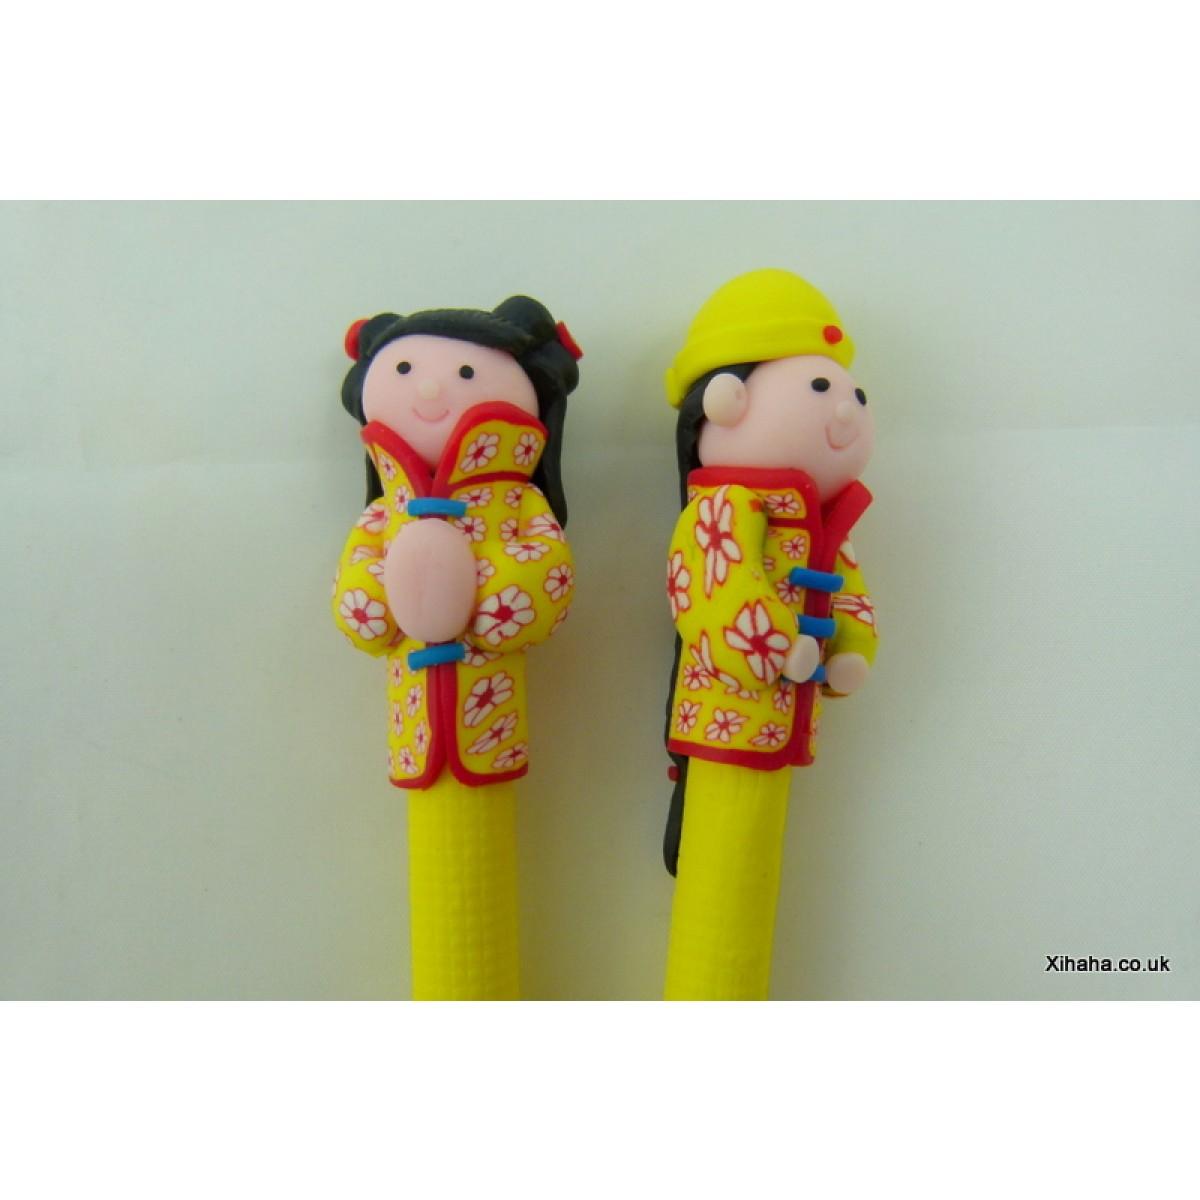 Китайцы наконец-то научились делать шариковые ручки